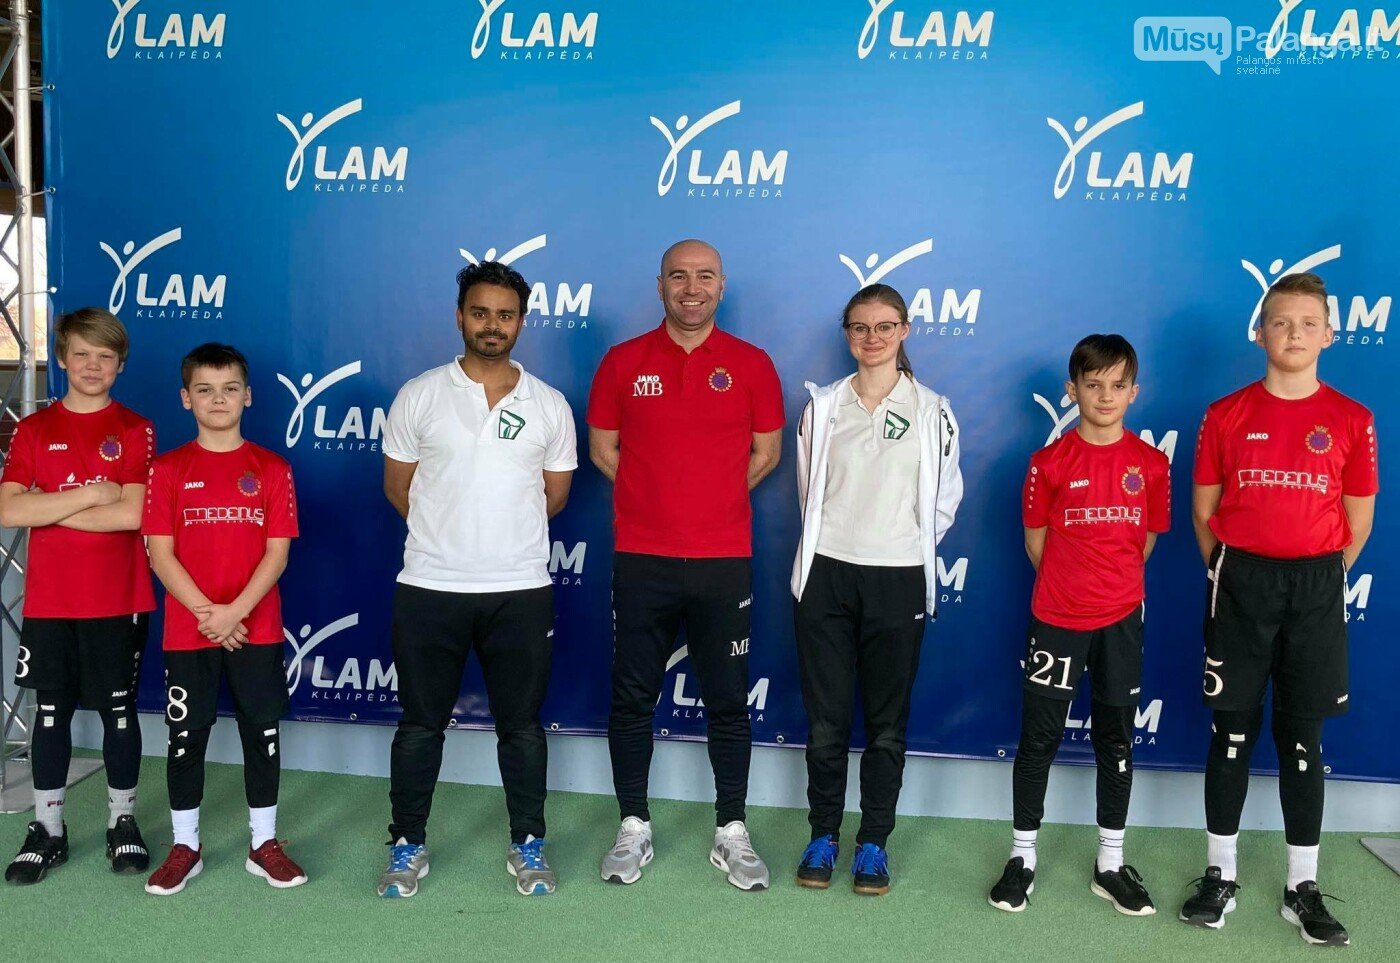 """Futbolo akademija """"Gintaras"""" pradeda bendradarbiavimą ir partnerystę su """"Dubey kineziterapija ir sportas"""" organizacija, nuotrauka-1"""